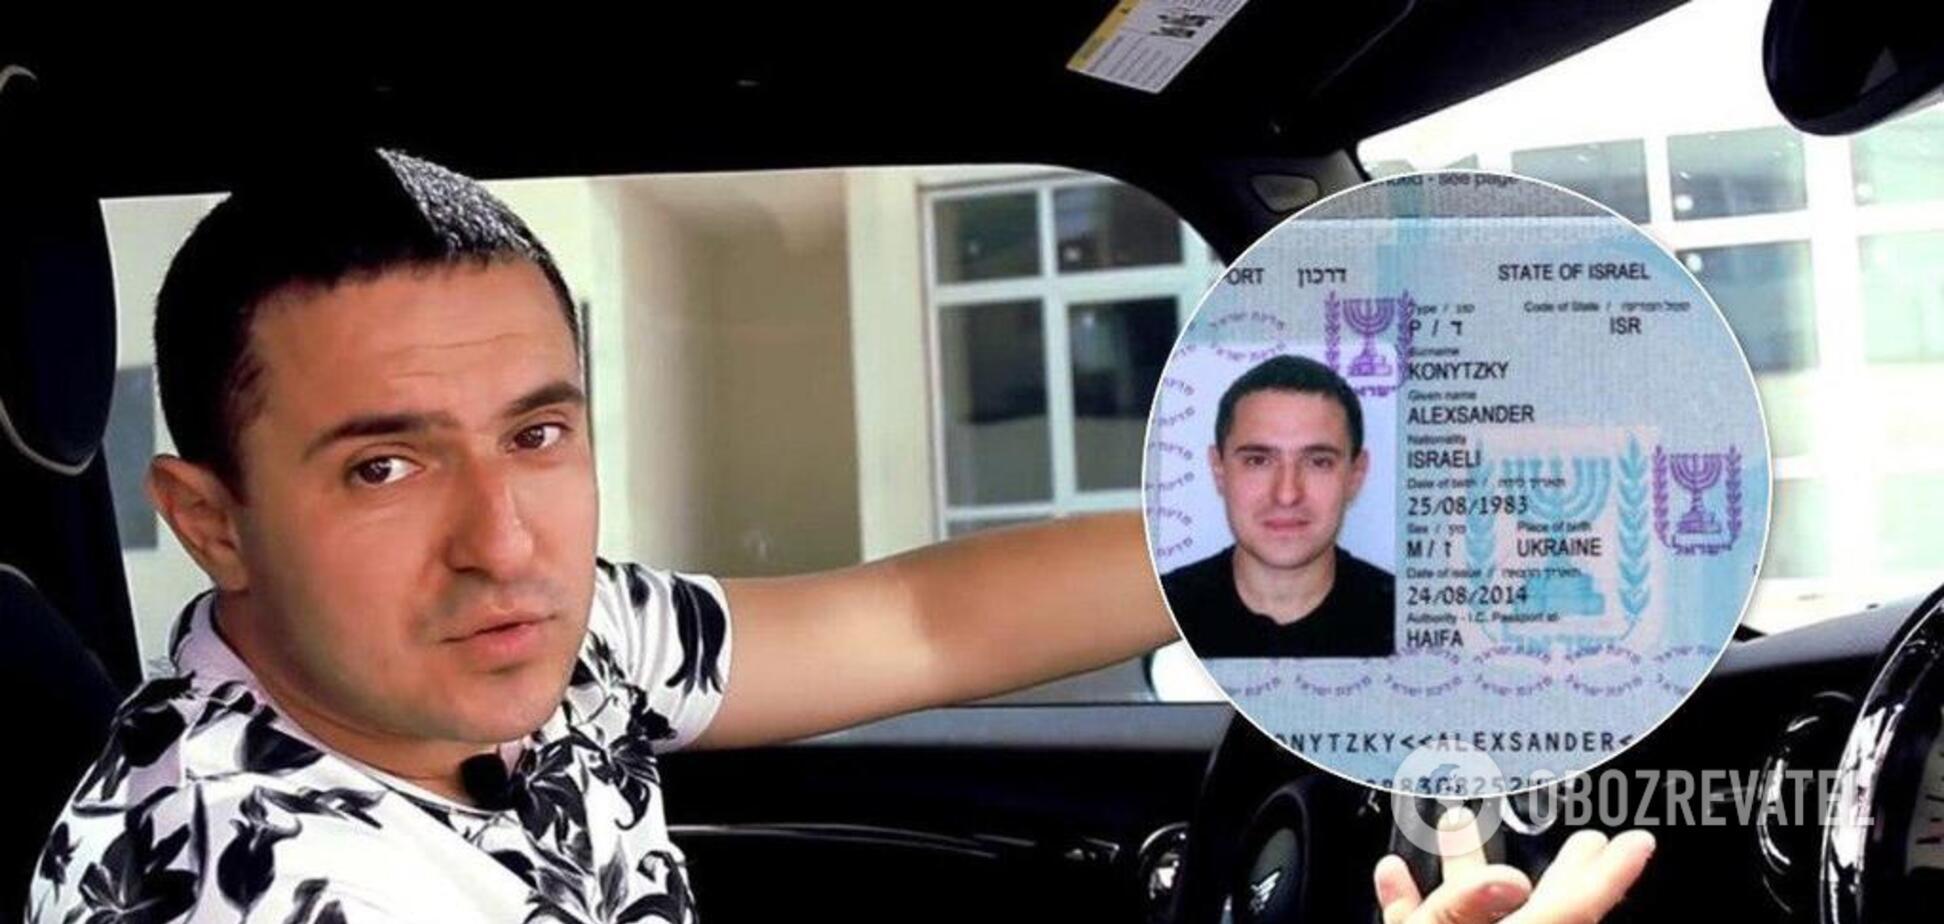 'Слуга народу' Куницький з Харкова їздив до Росії за ізраїльським паспортом